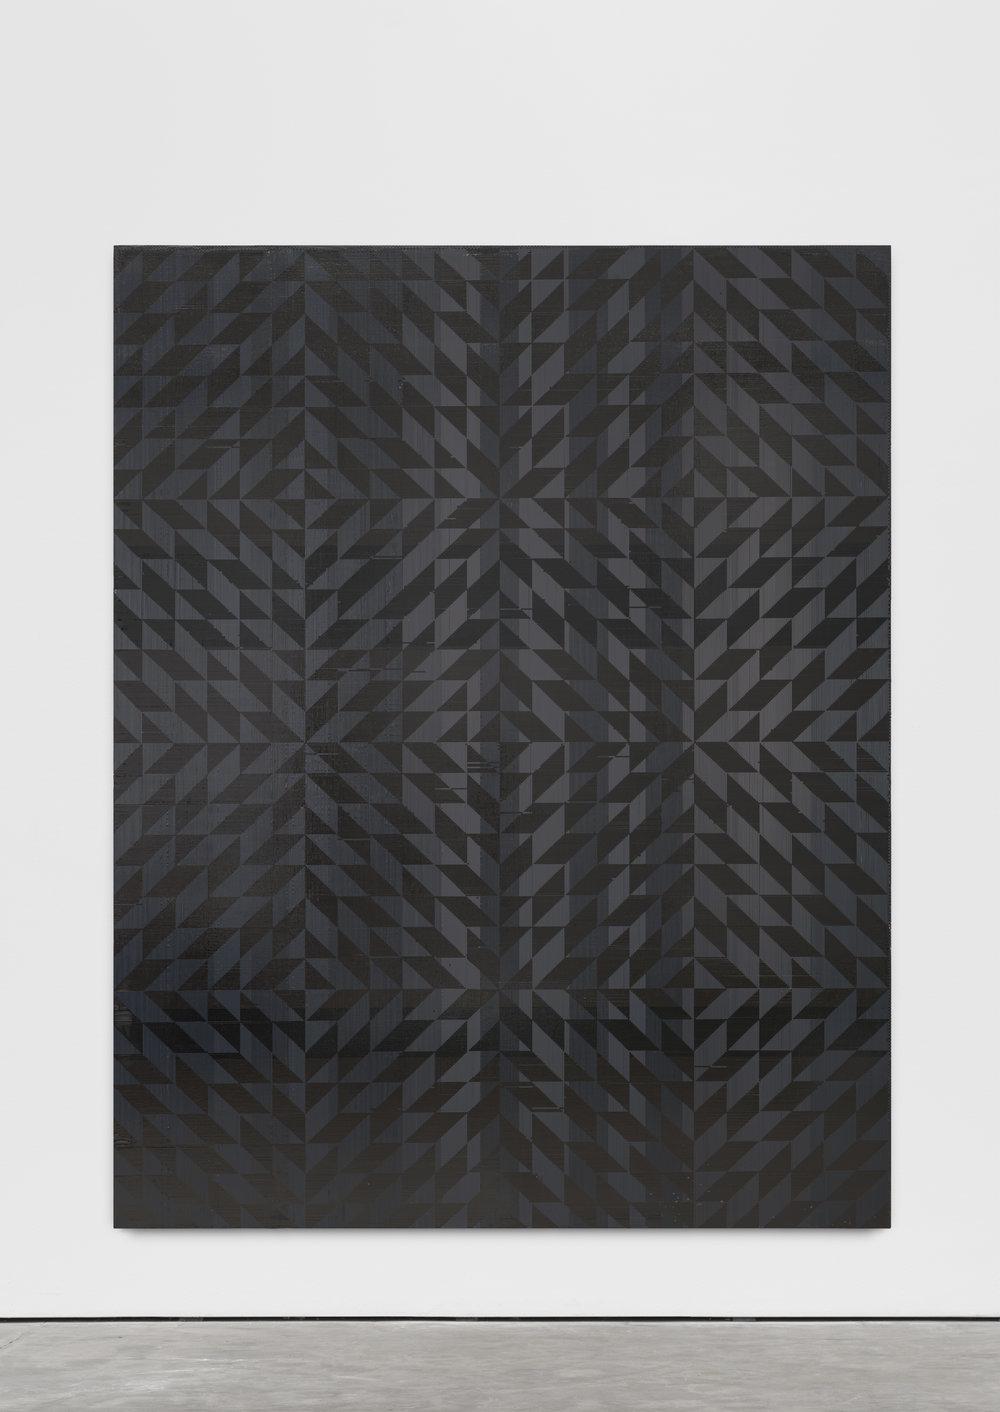 """GH/M 1106, Gregor Hildebrandt  """"Ich hab mich auf den Boden gelegt (Toco)"""", 2018 241 x 190.6 cm / 95 x 75 in cassette tape on canvas"""